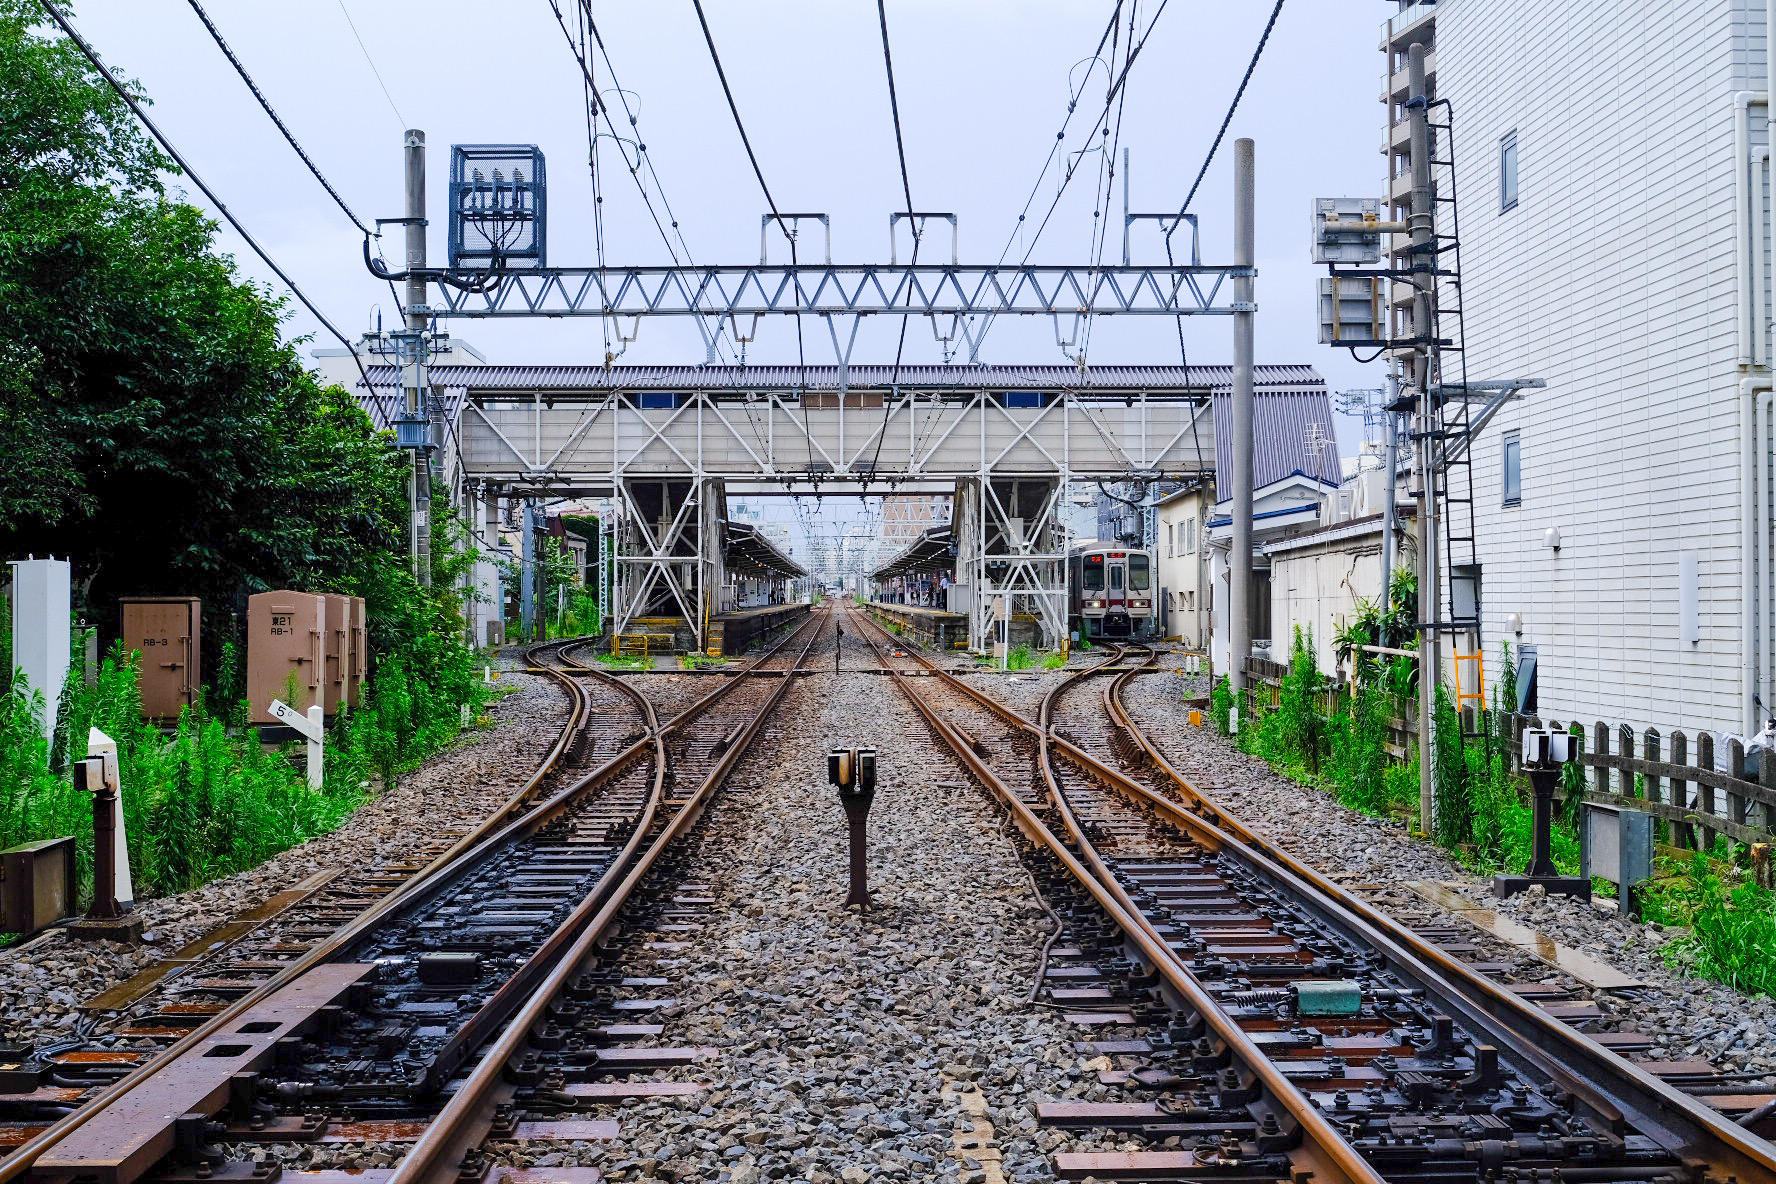 【中板橋】昭和ノスタルジックな街並みを感じる中板橋散歩